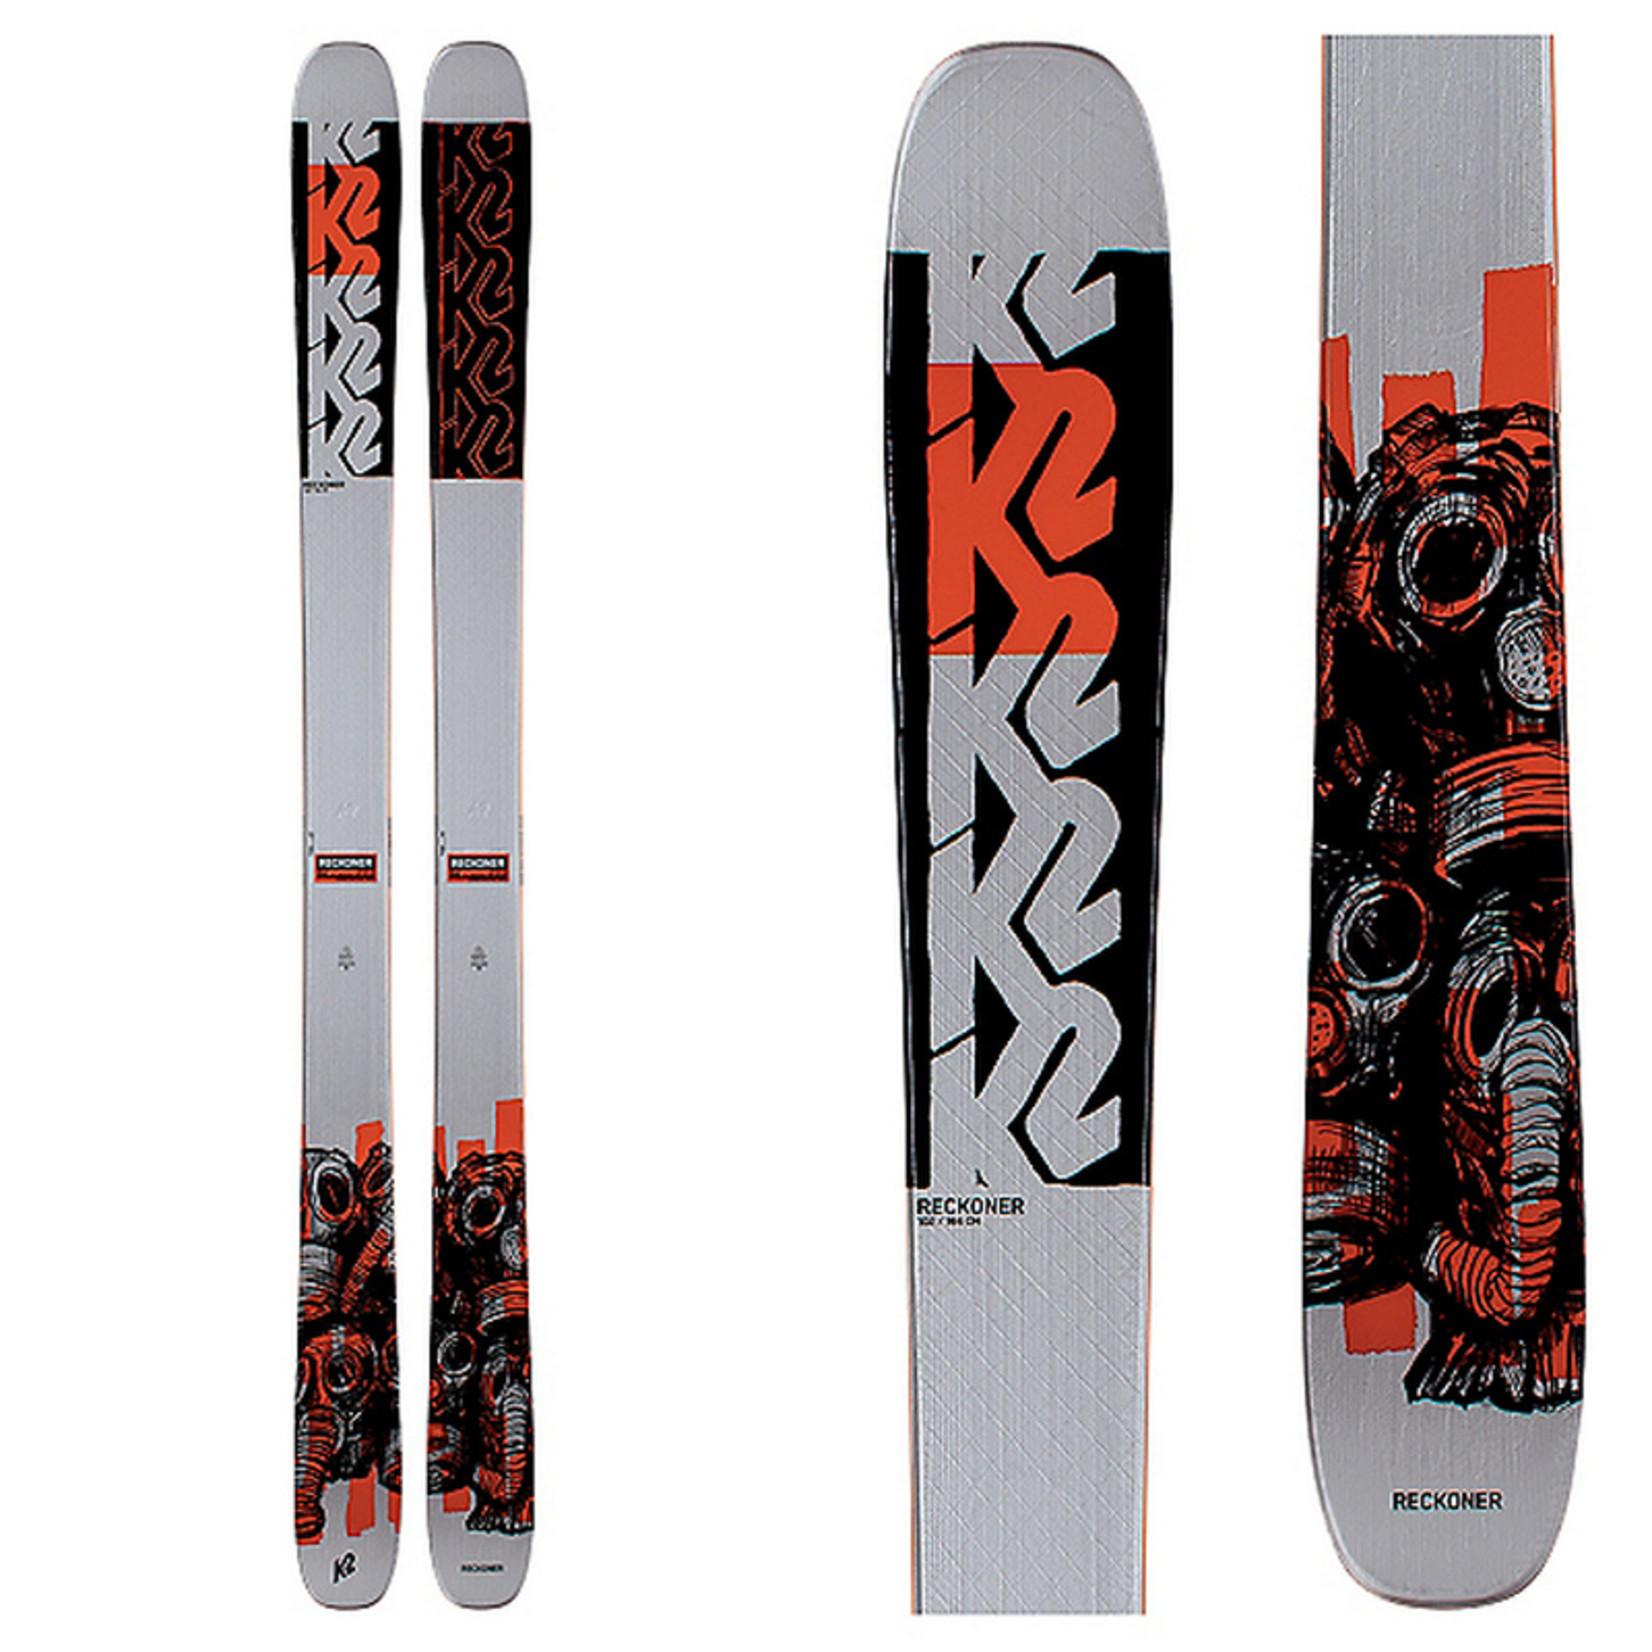 K2 K2 Reckoner 102